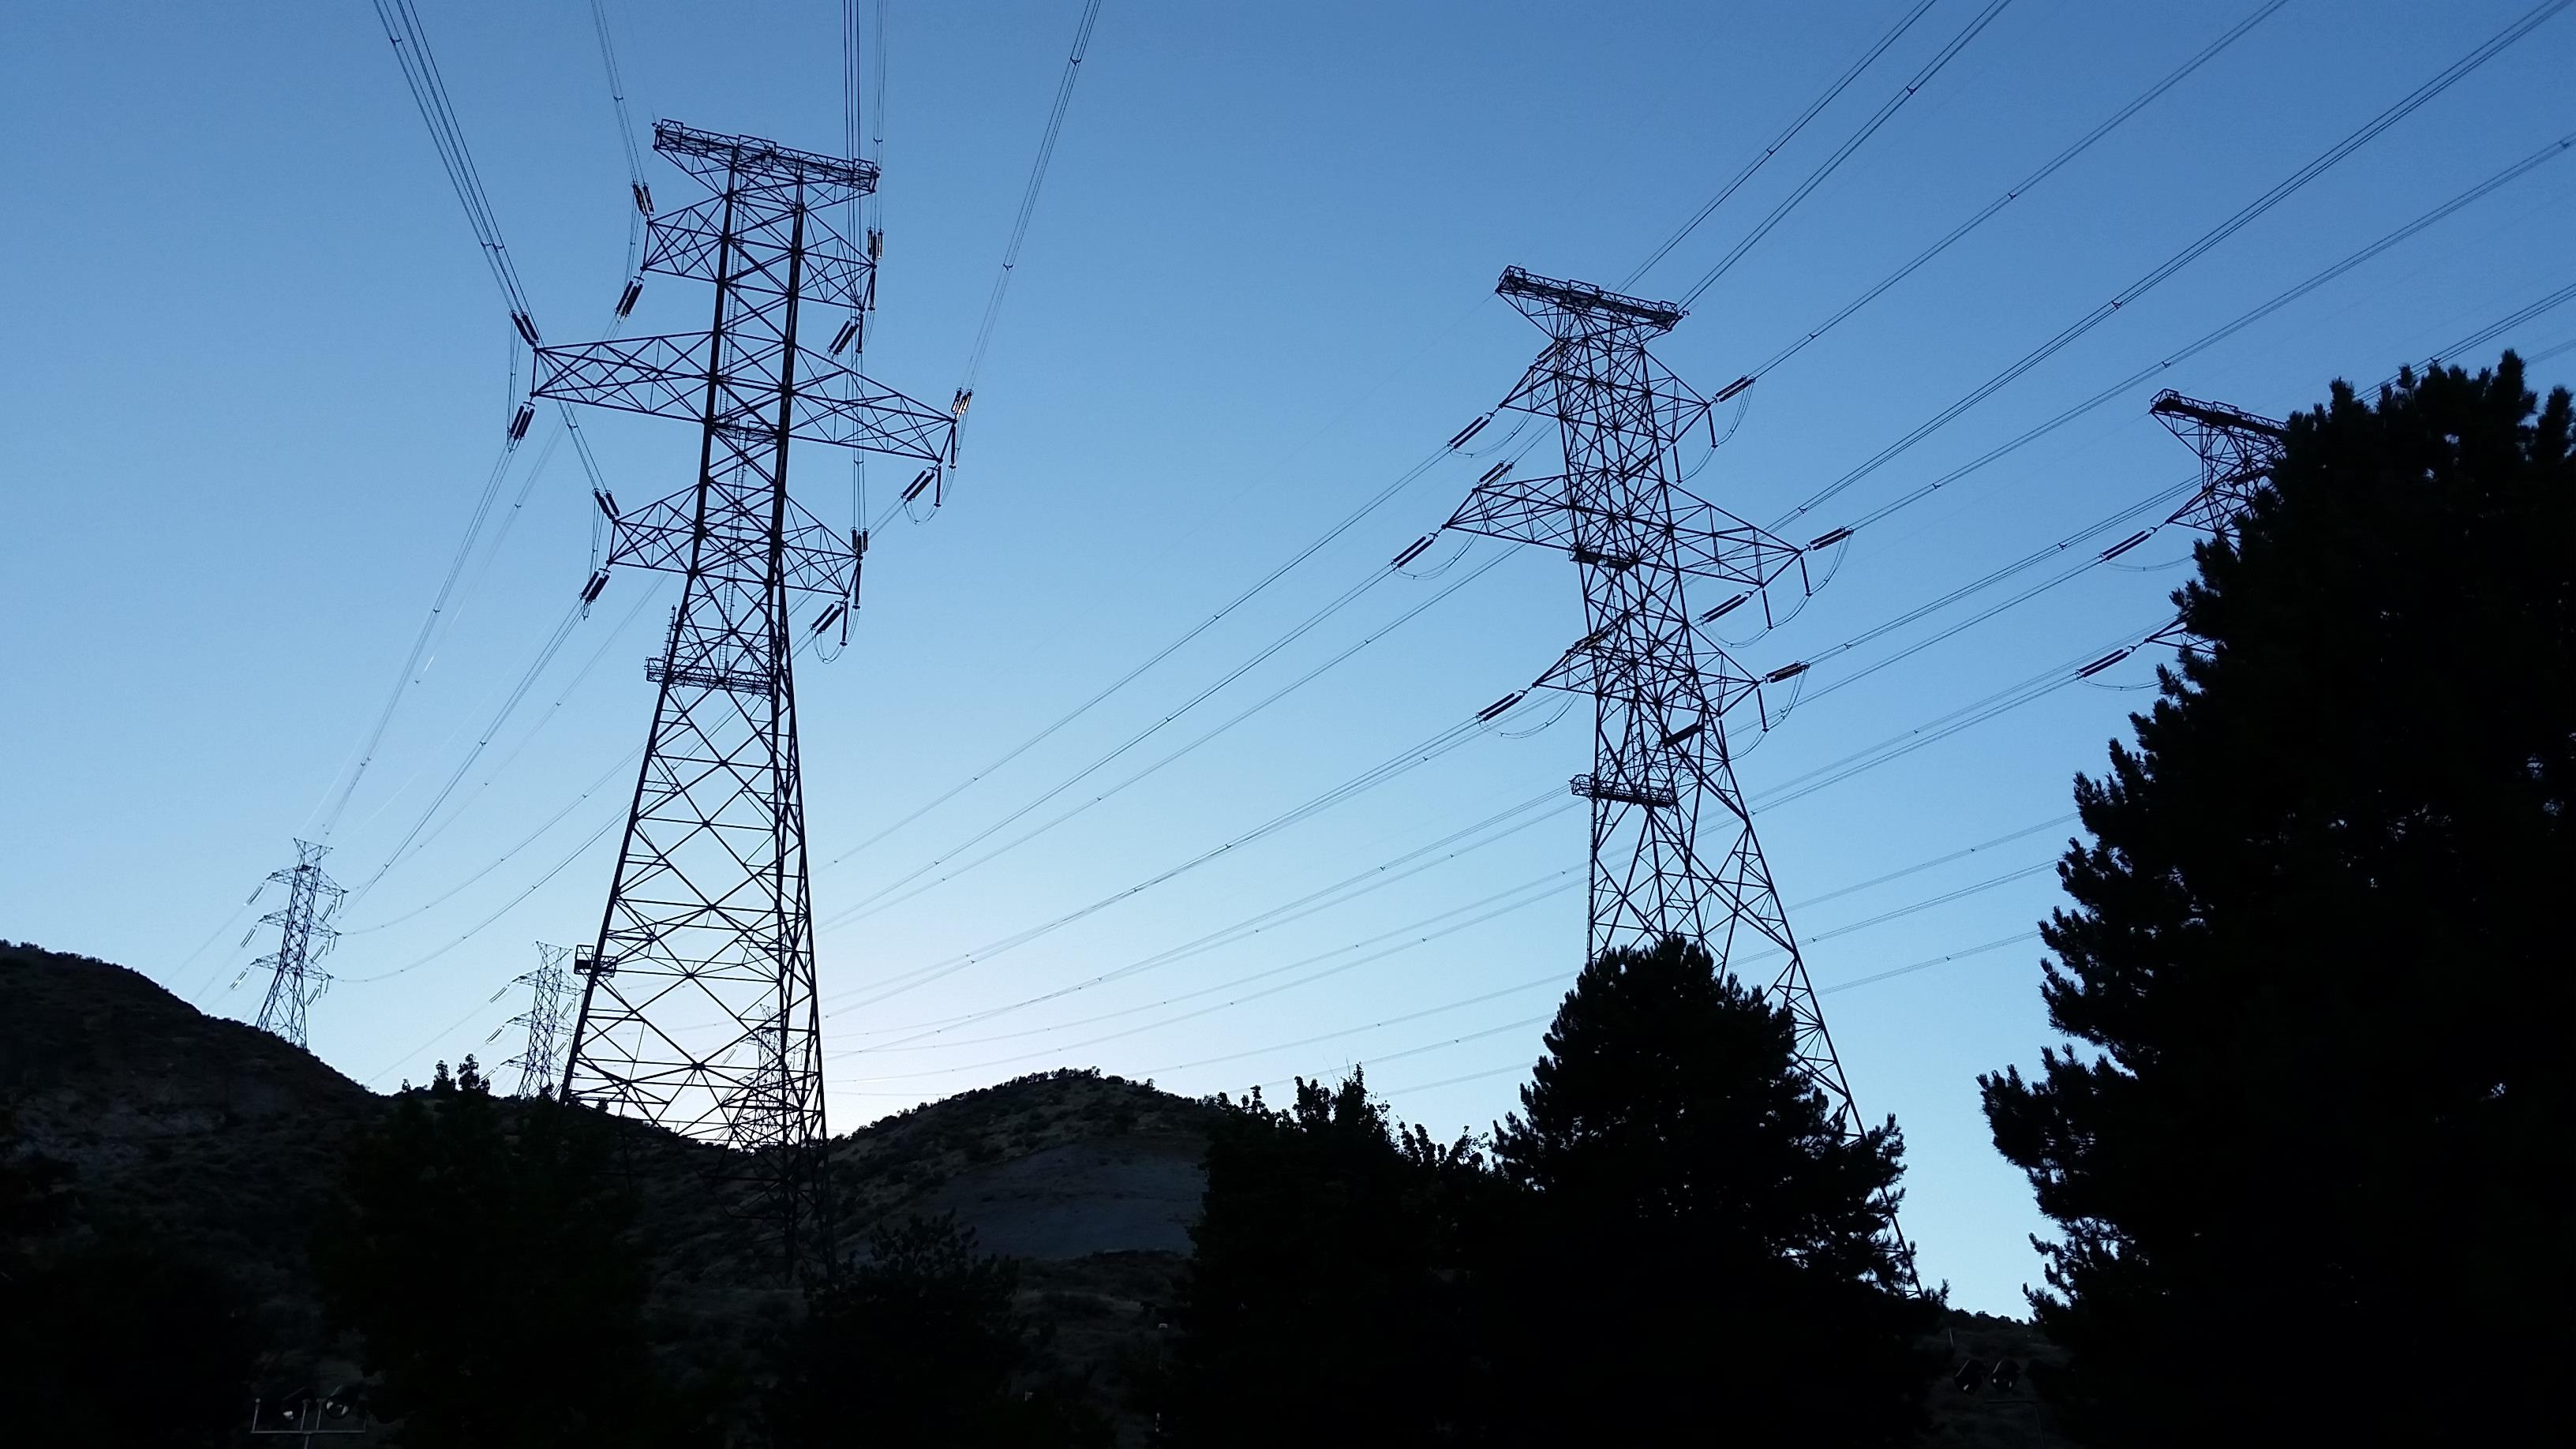 尼日利亚输配电系统升级获非开行2.1亿美金贷款